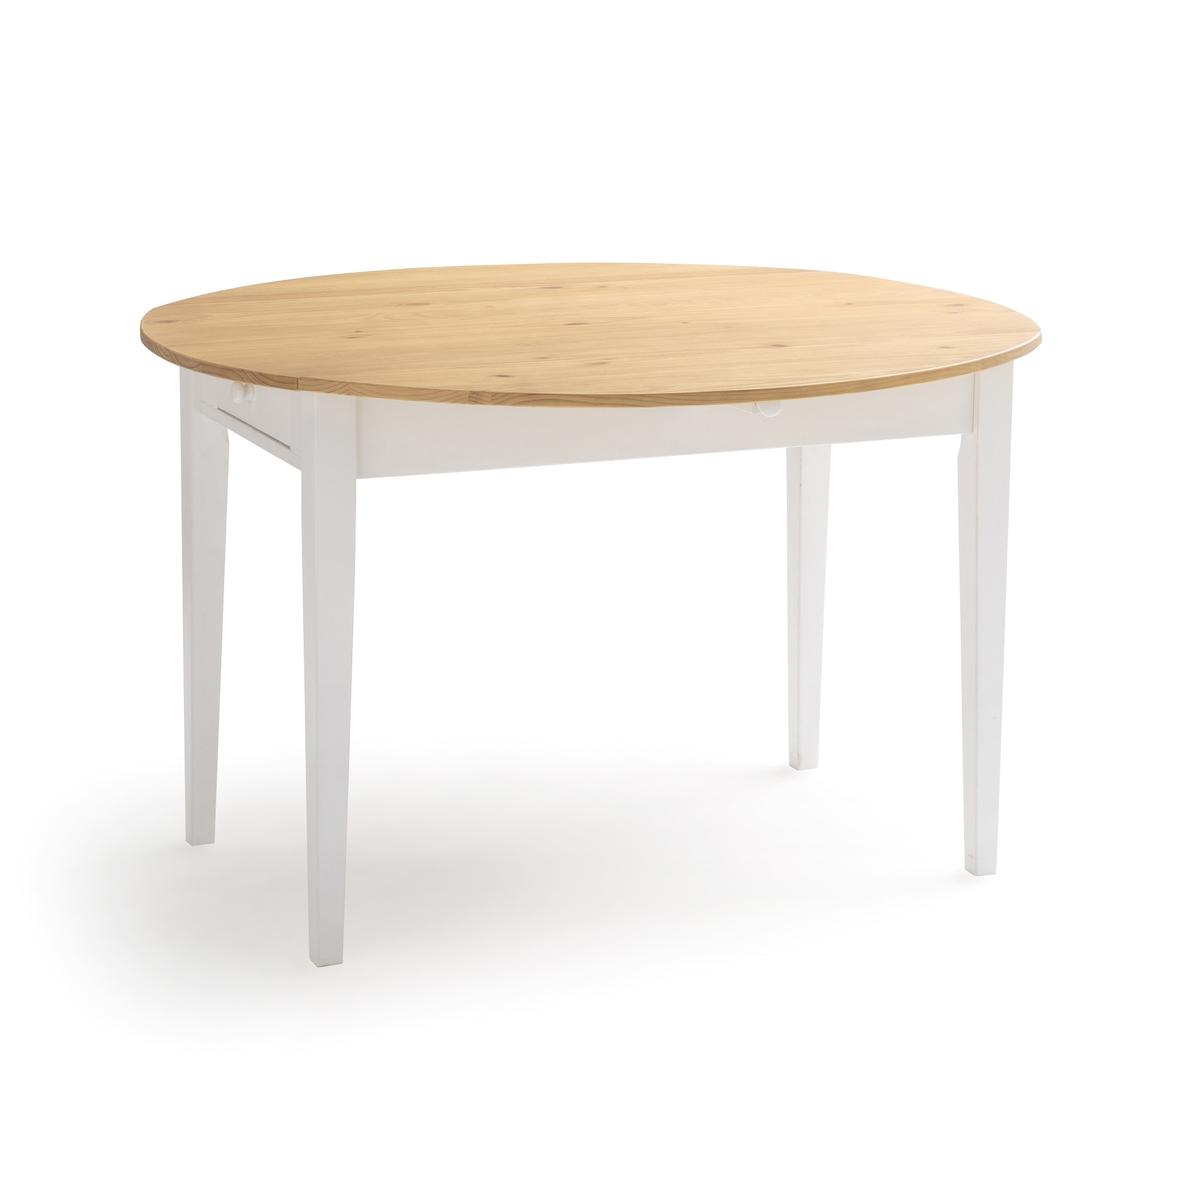 Стол LaRedoute Обеденный с 2 ящиками на 4-6 приборов Alvina 6 персоны белый стол laredoute обеденный 68 cперсон массив сосны alvina 8 персоны белый